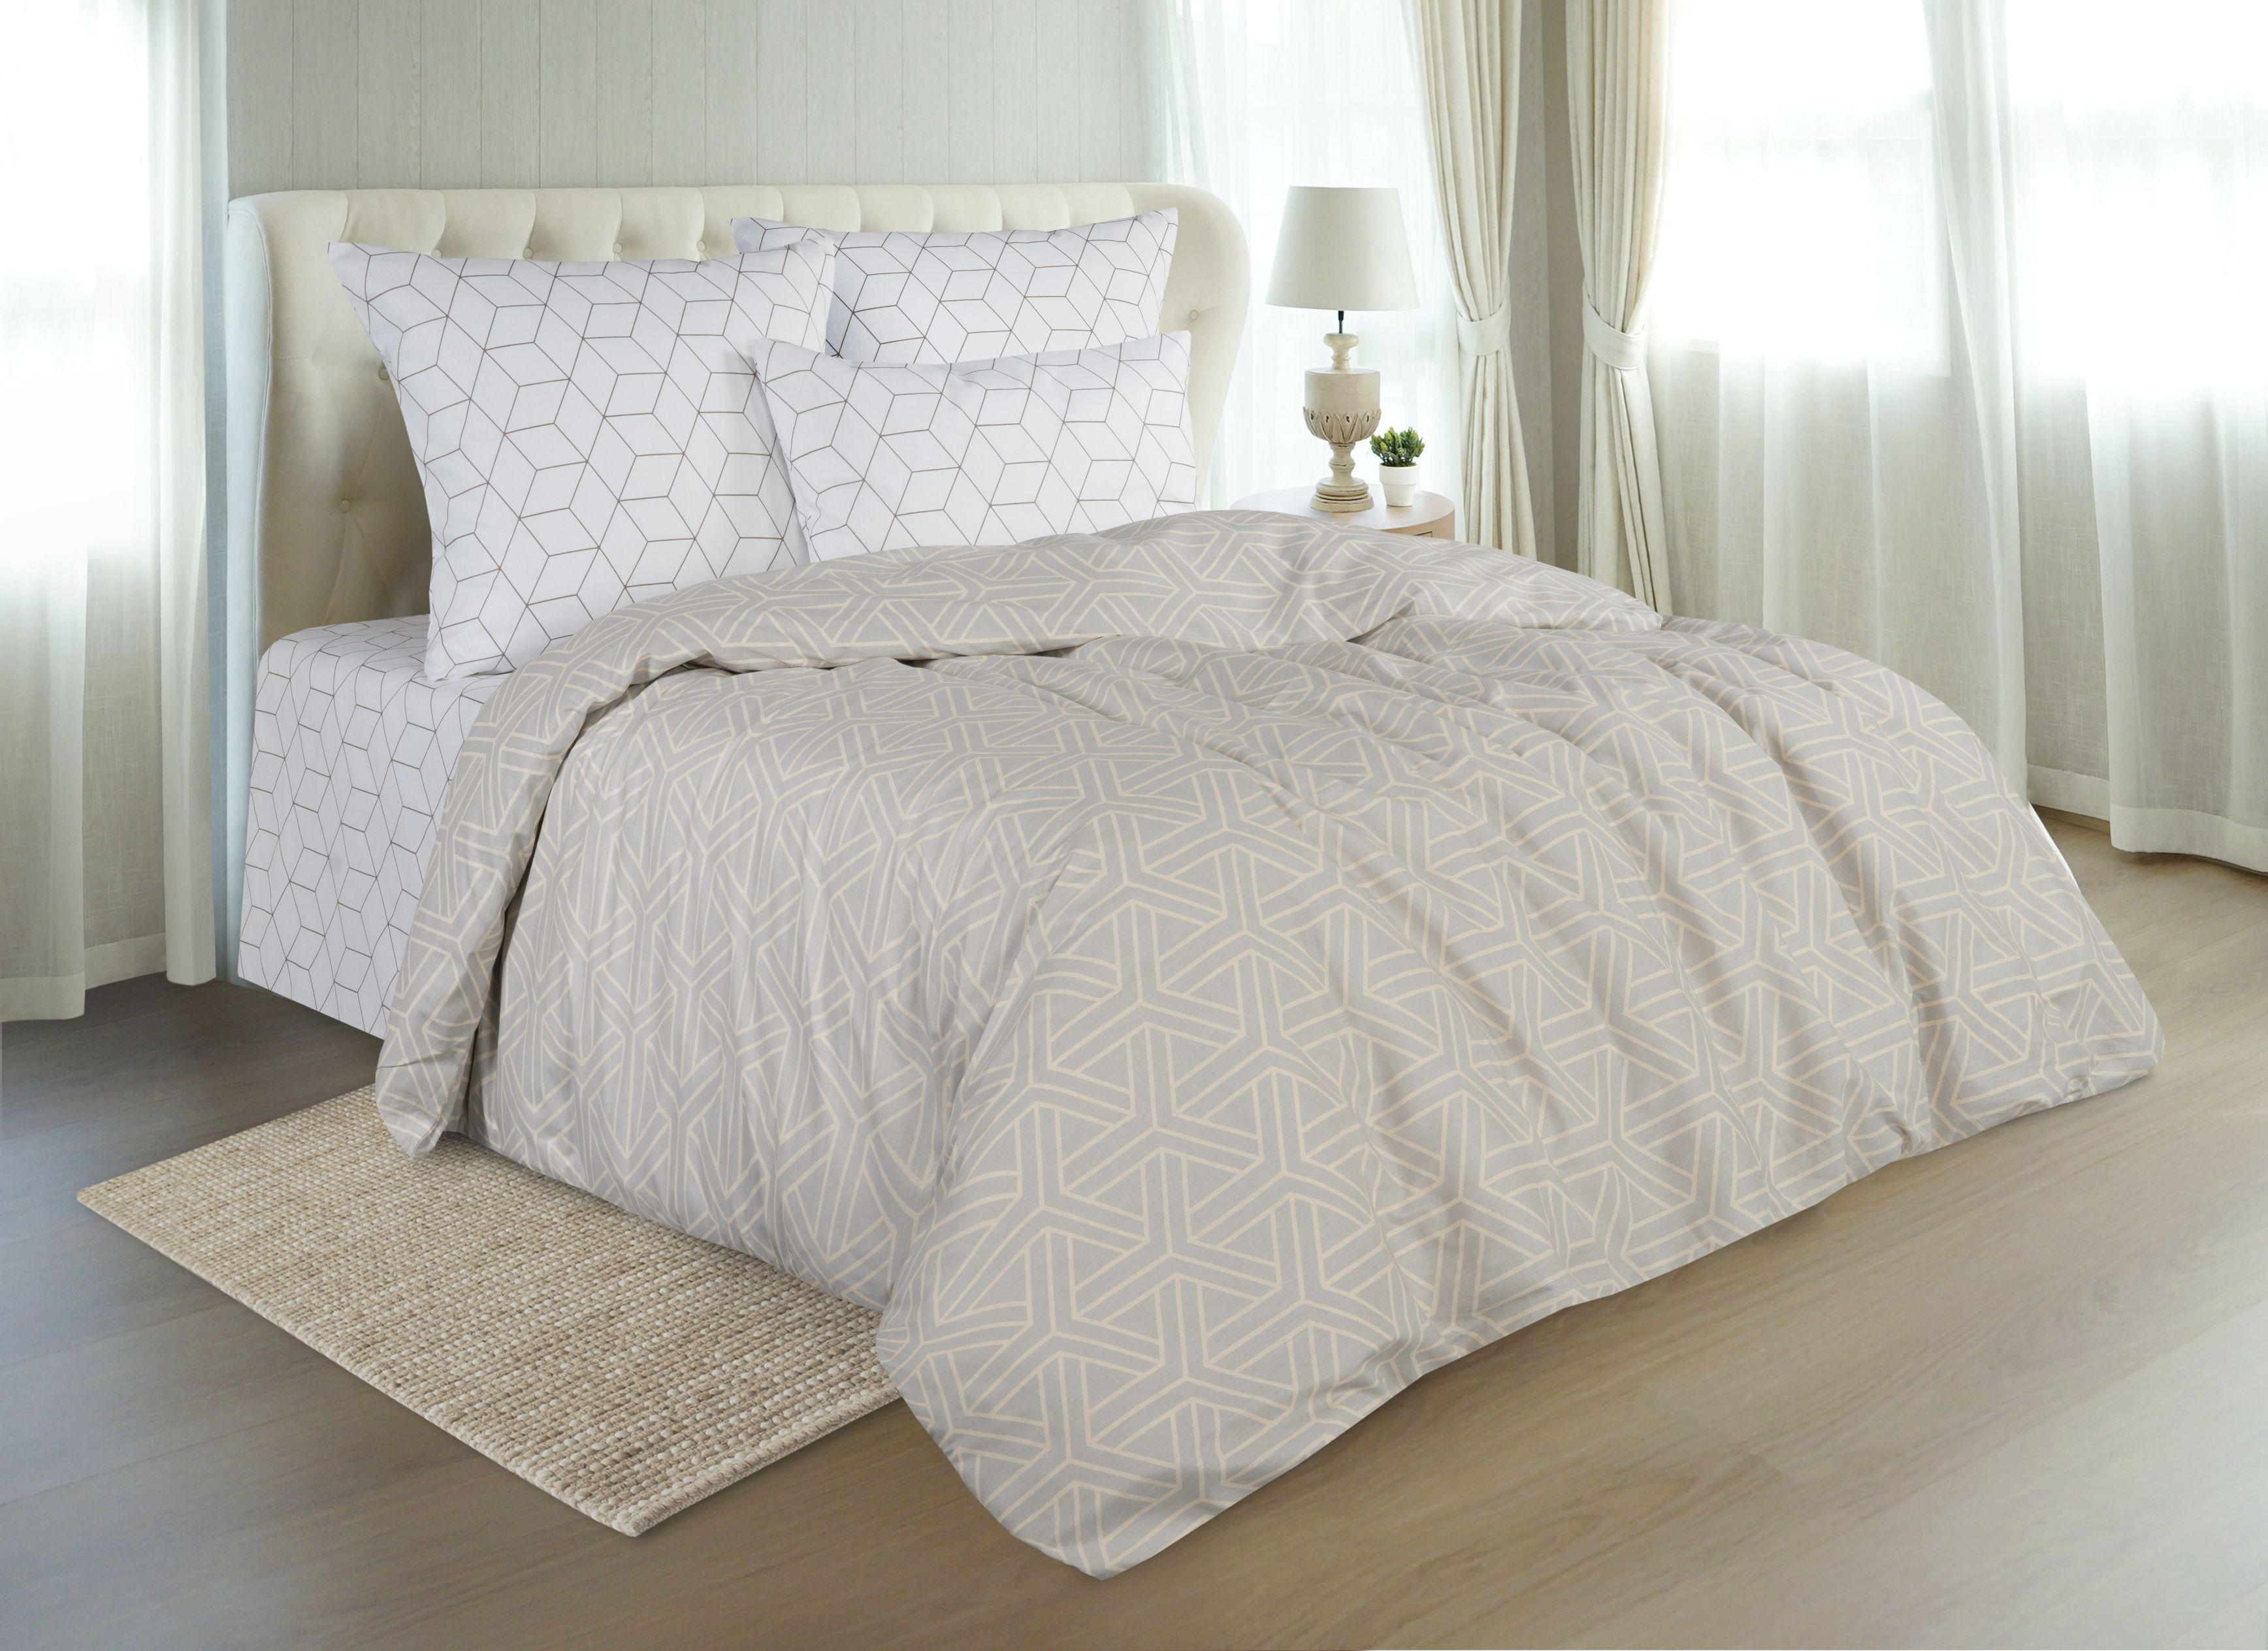 Комплекты постельного белья Guten Morgen gmg489095